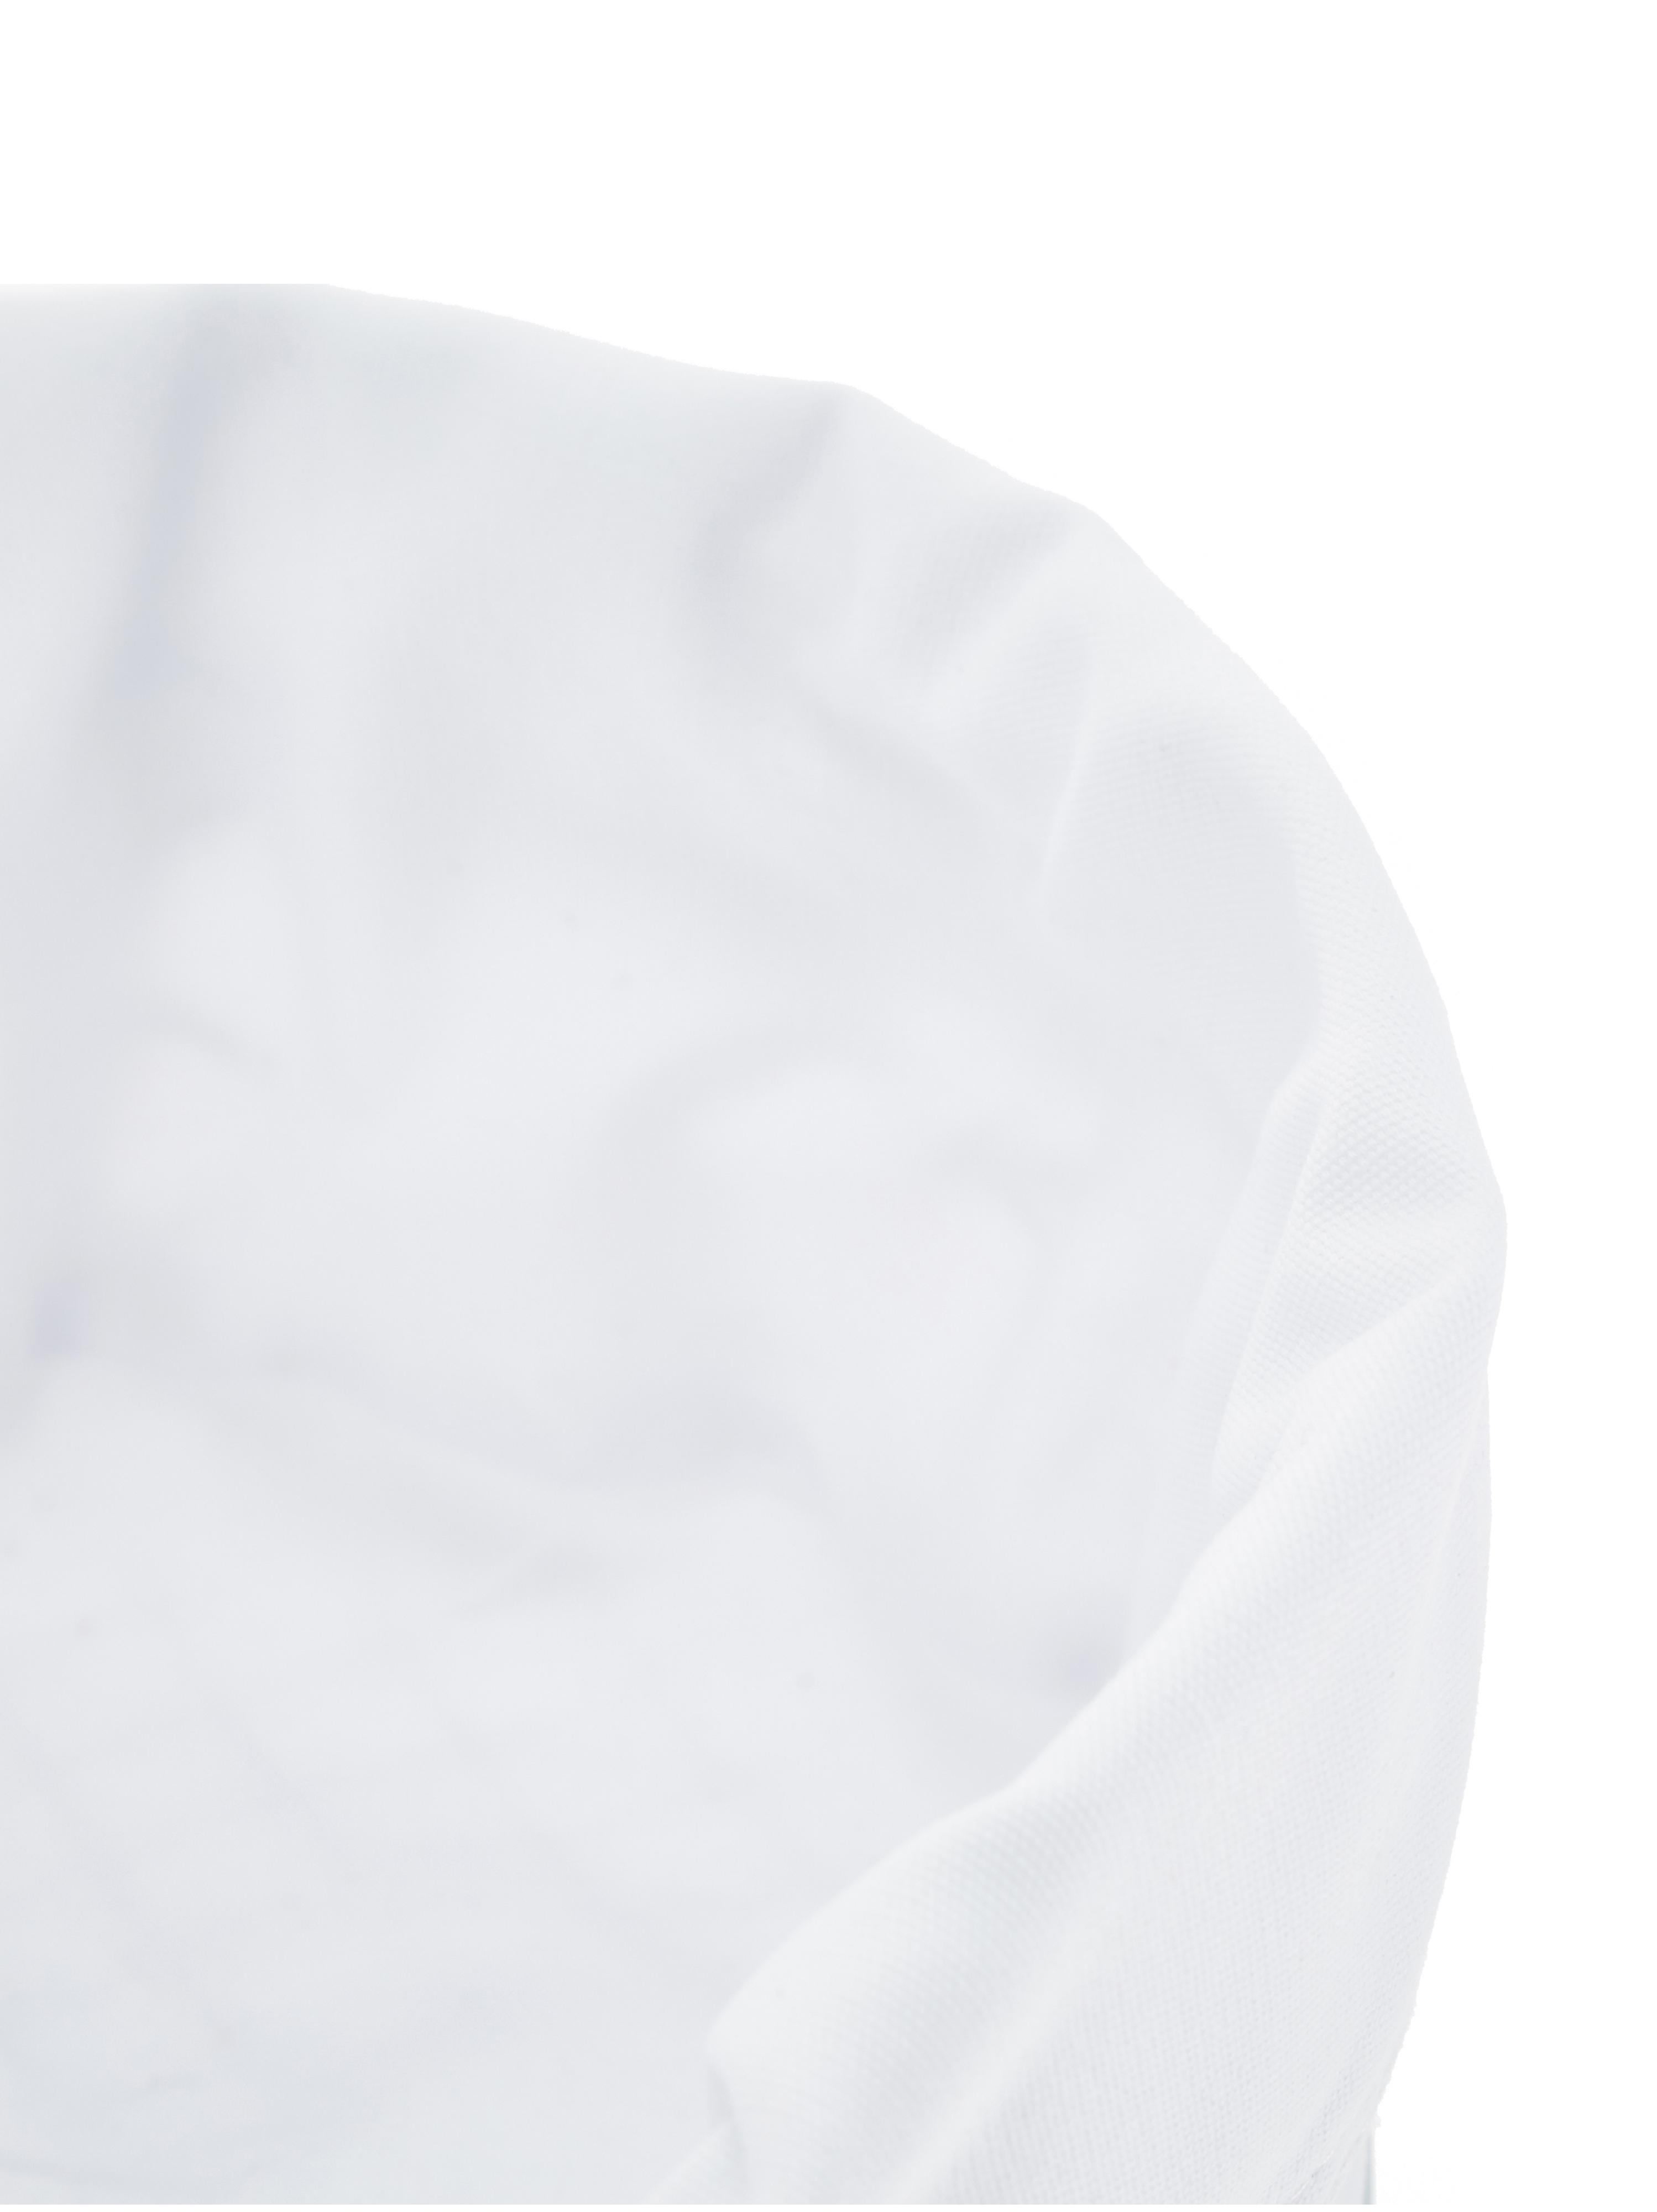 Kosz na pieczywo Alana, Srebrny, biały, Ø 21 x 11 cm